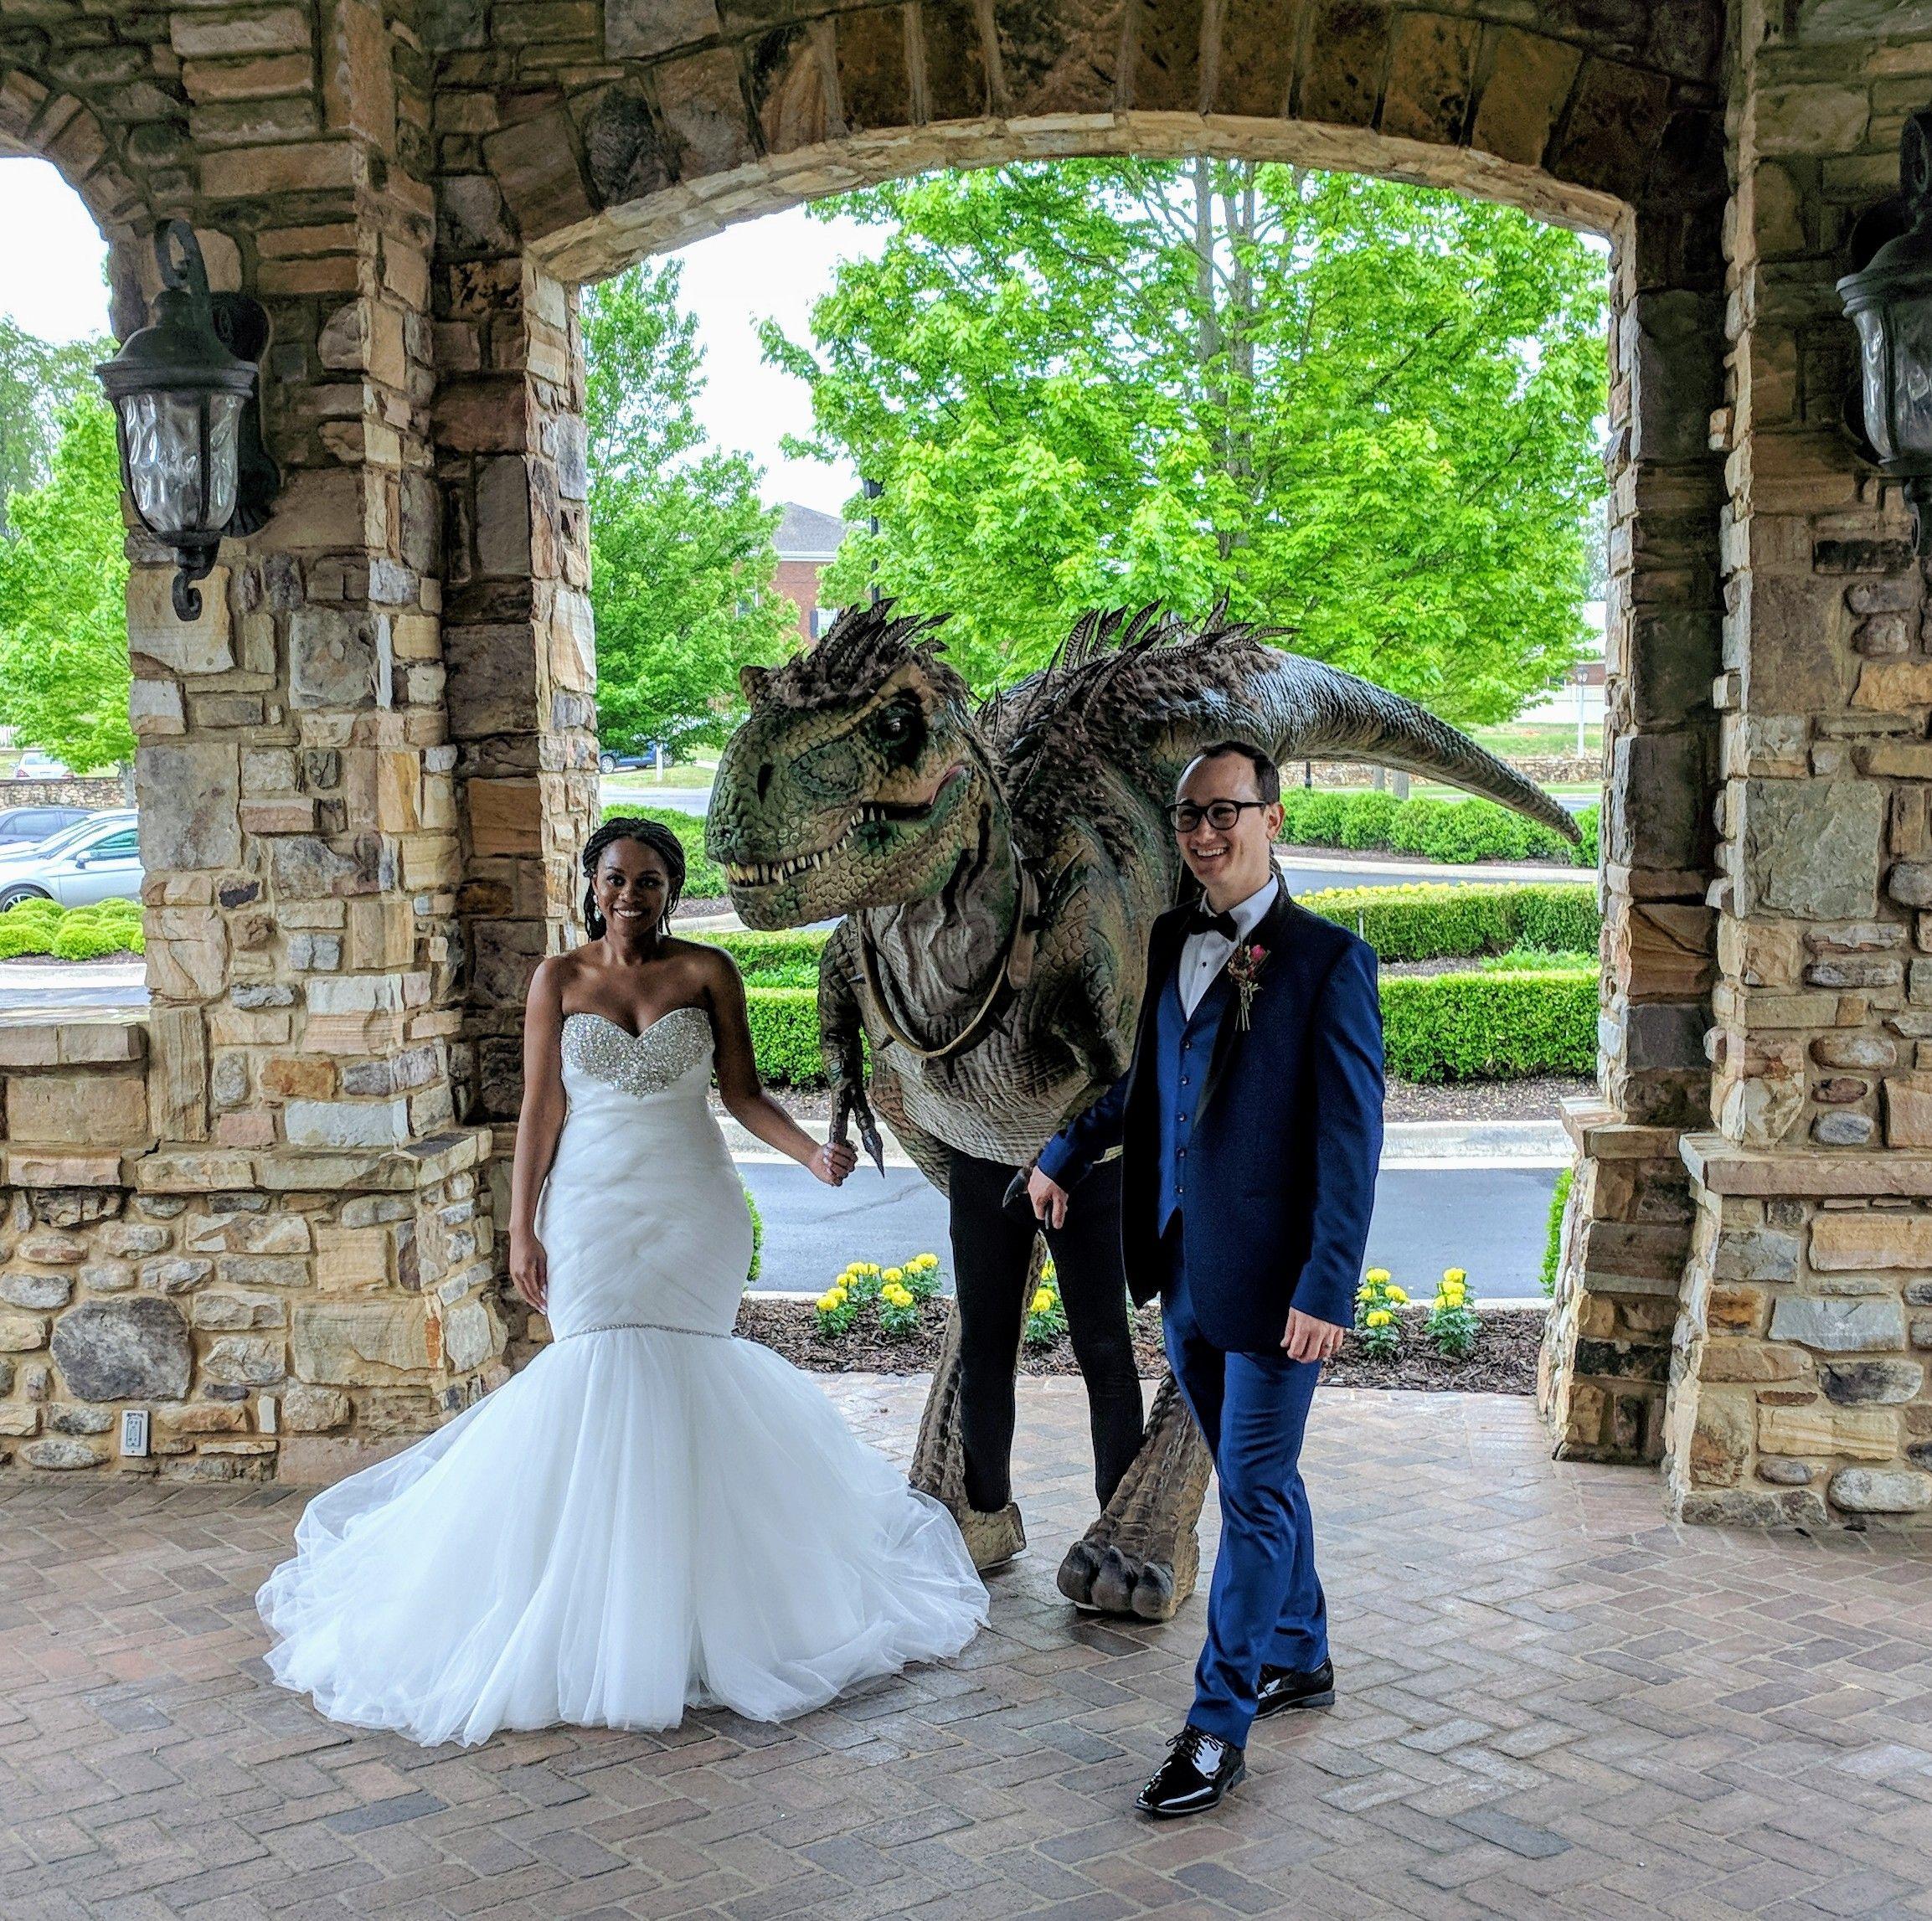 Ledges Jurrasic Park Dinosaur Theme Wedding Helping Hand Parties Weddings Dinosaur Wedding Theme Dinosaur Wedding Yosemite Wedding